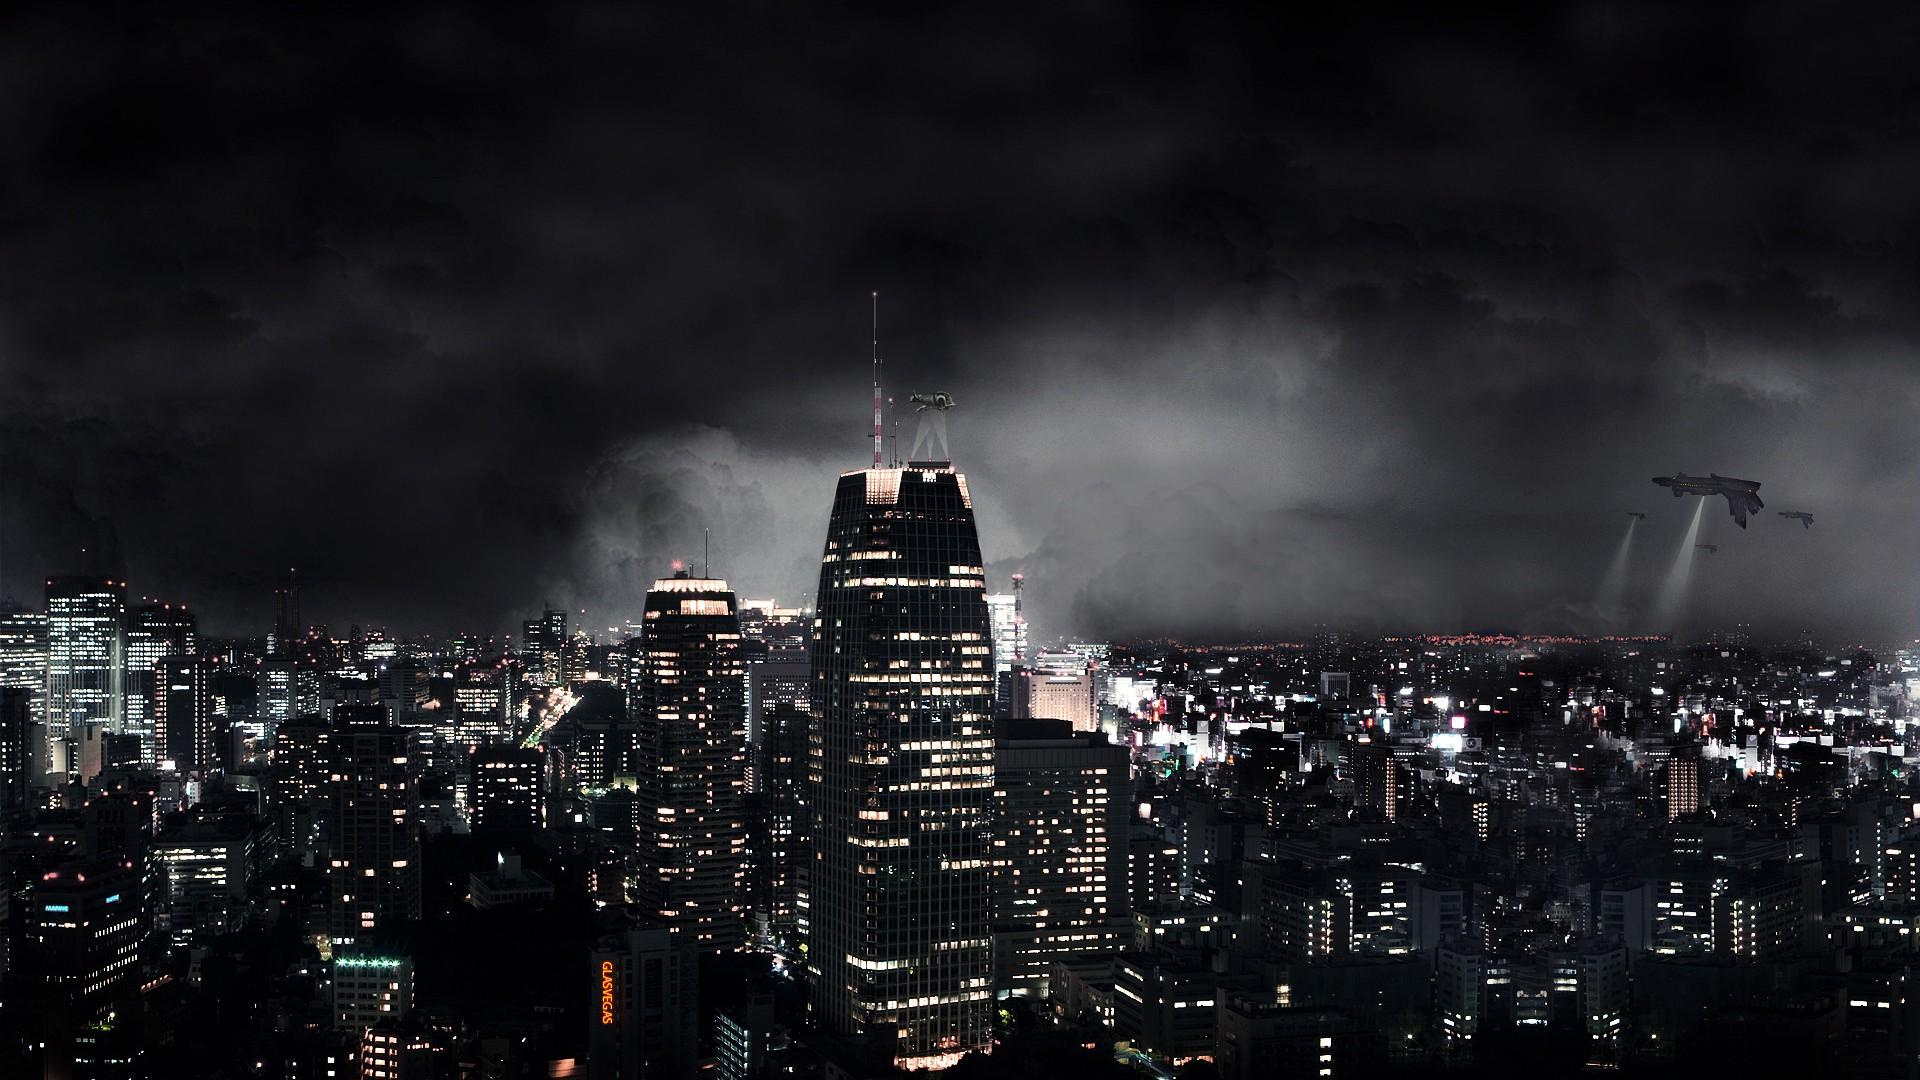 Dark City New York Skyscrapers Desktop Wallpaper 97860 HD 1920x1080